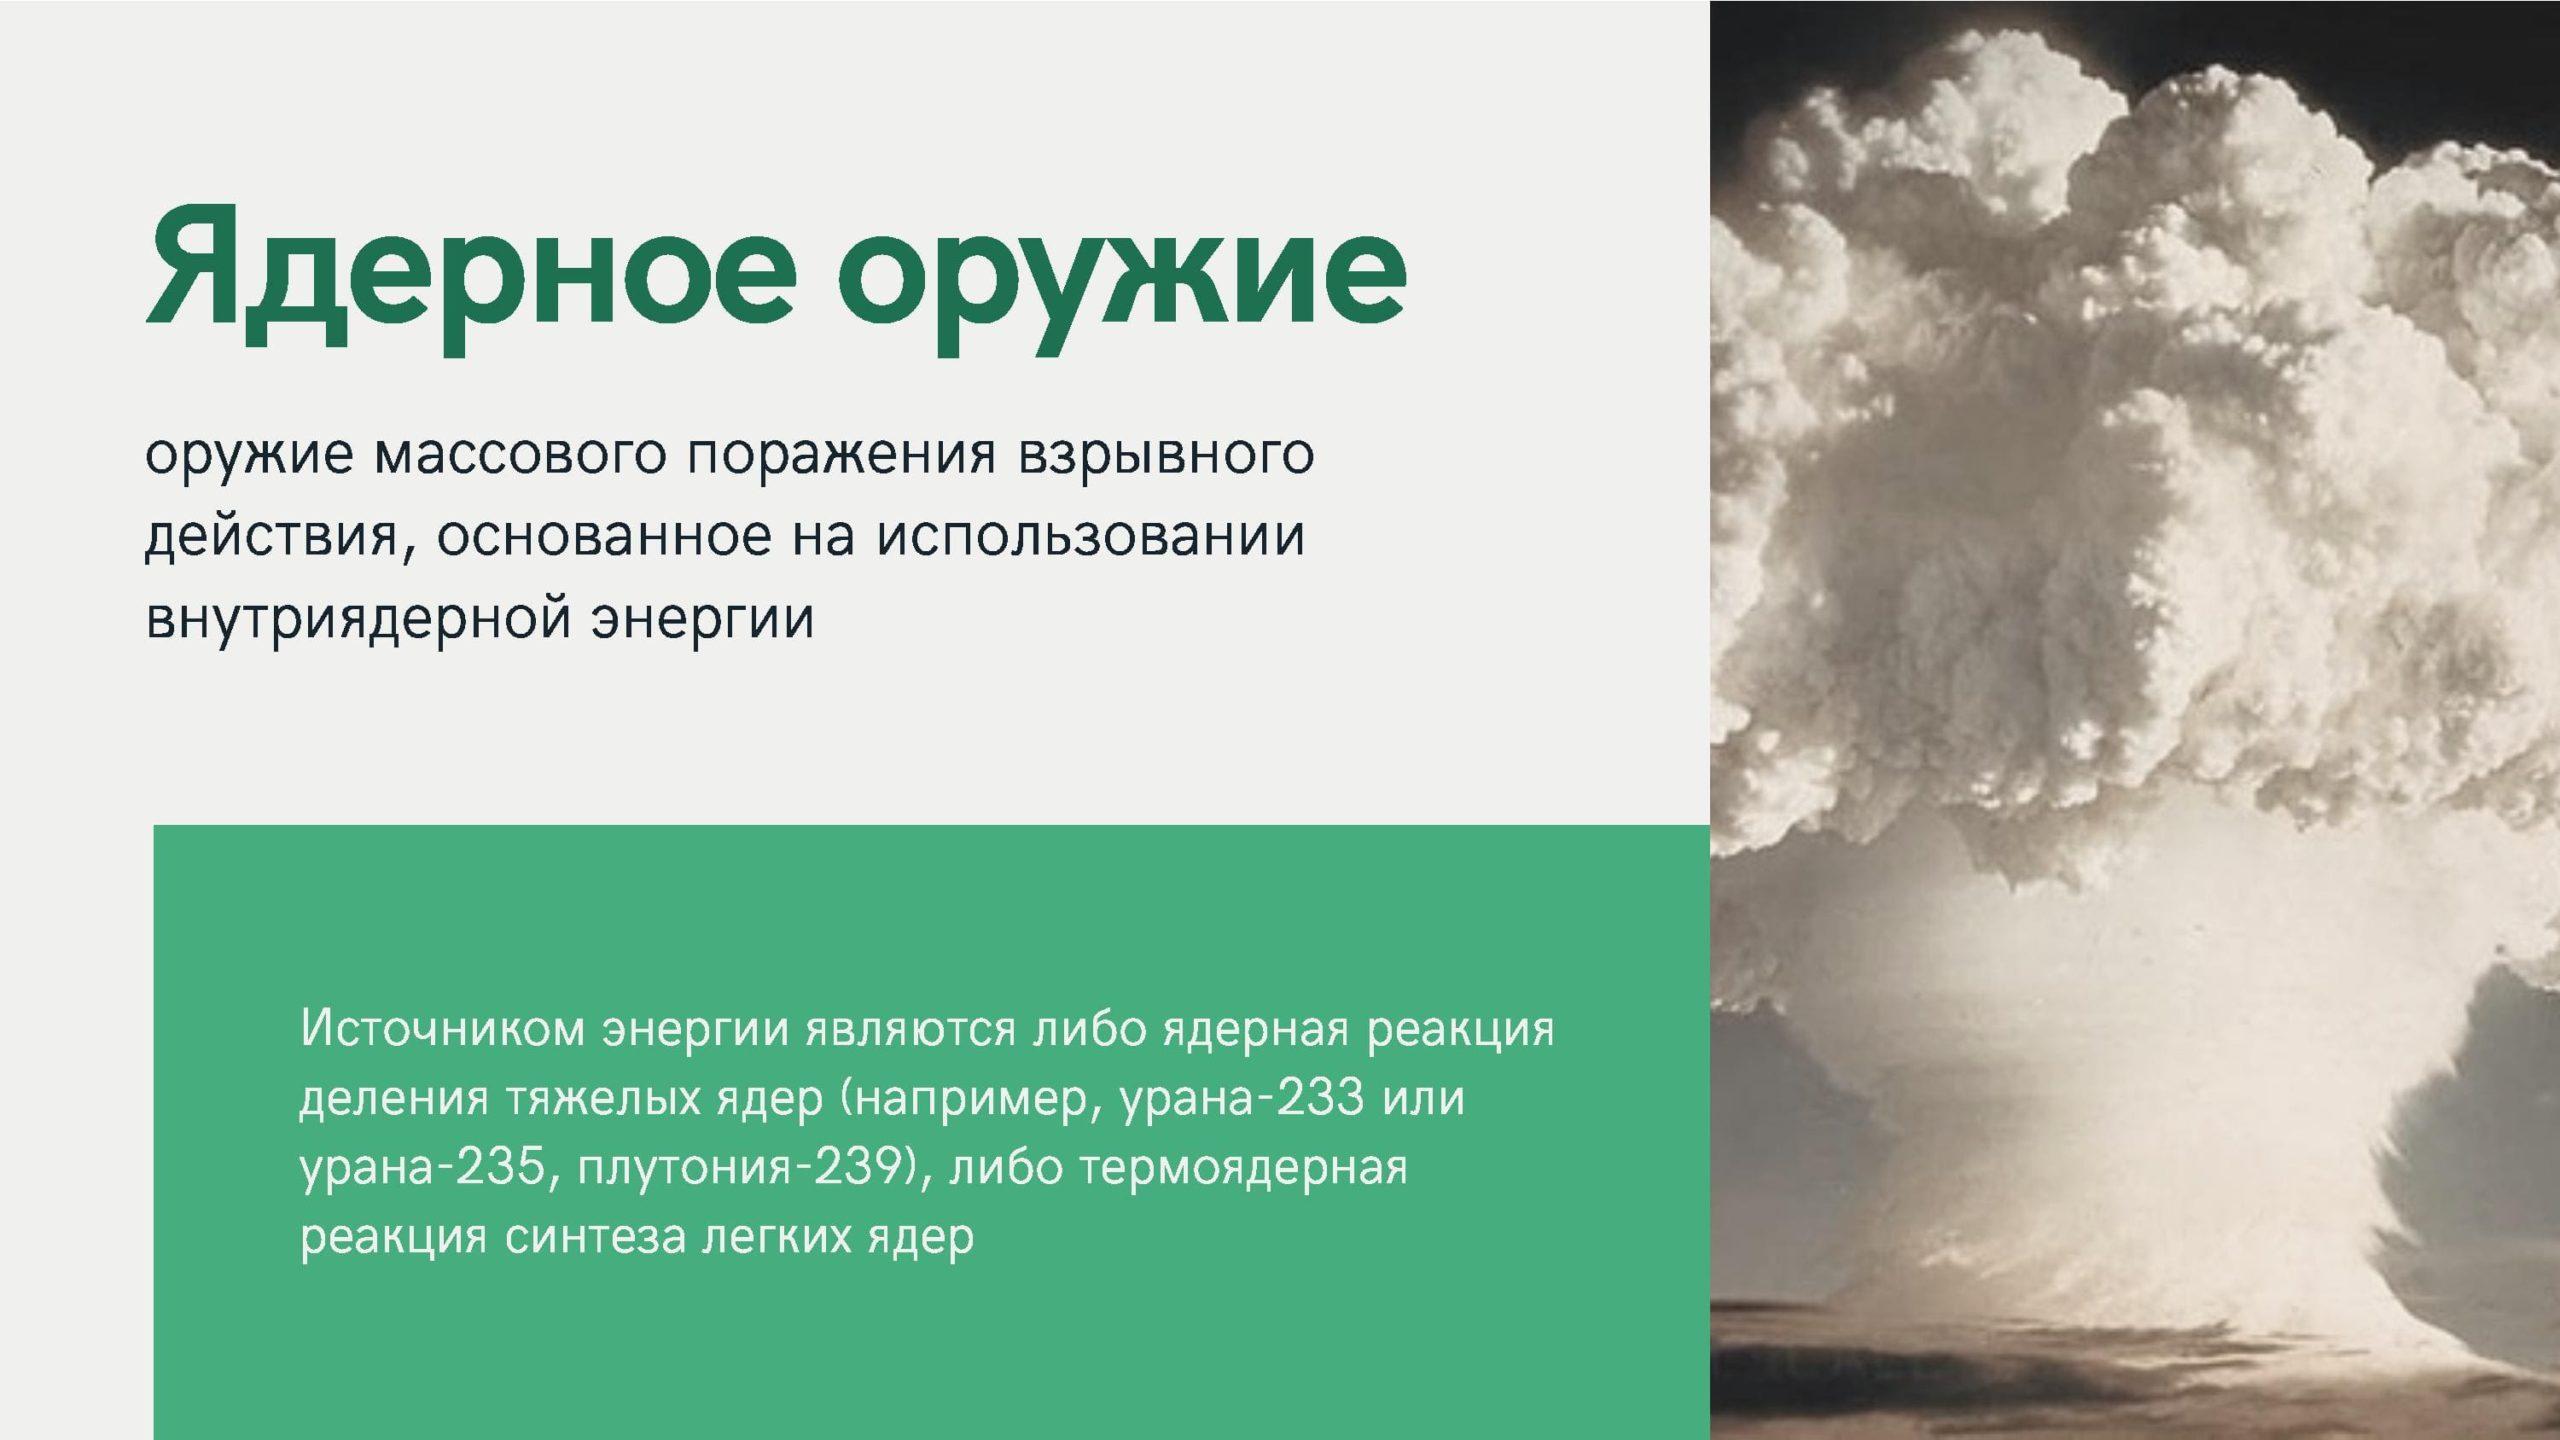 Ядерное оружие - оружие массового поражения взрывного действия